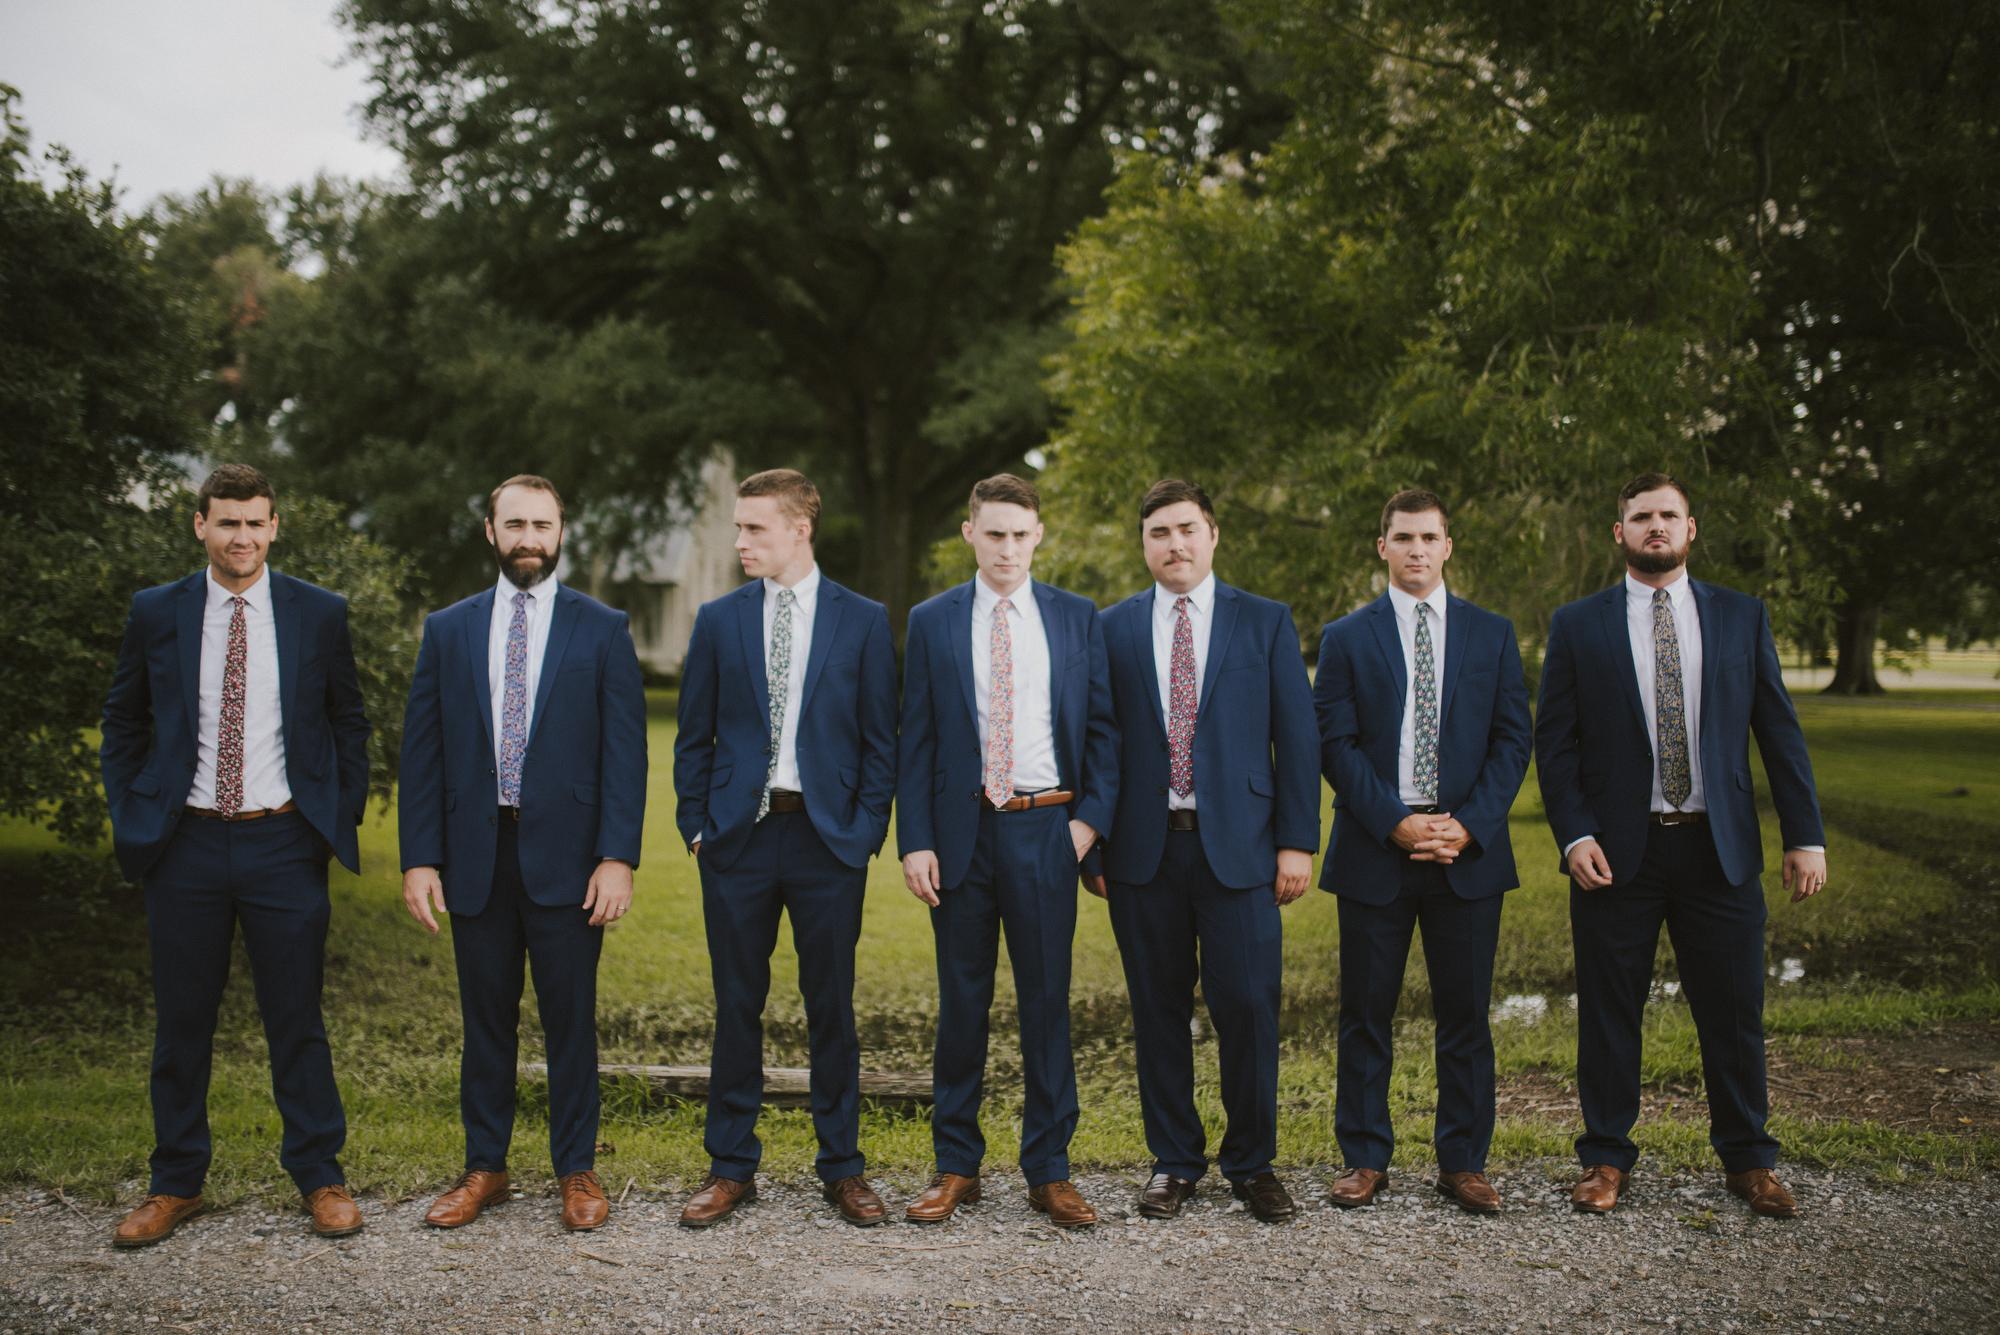 ofRen_weddingphotography056.JPG